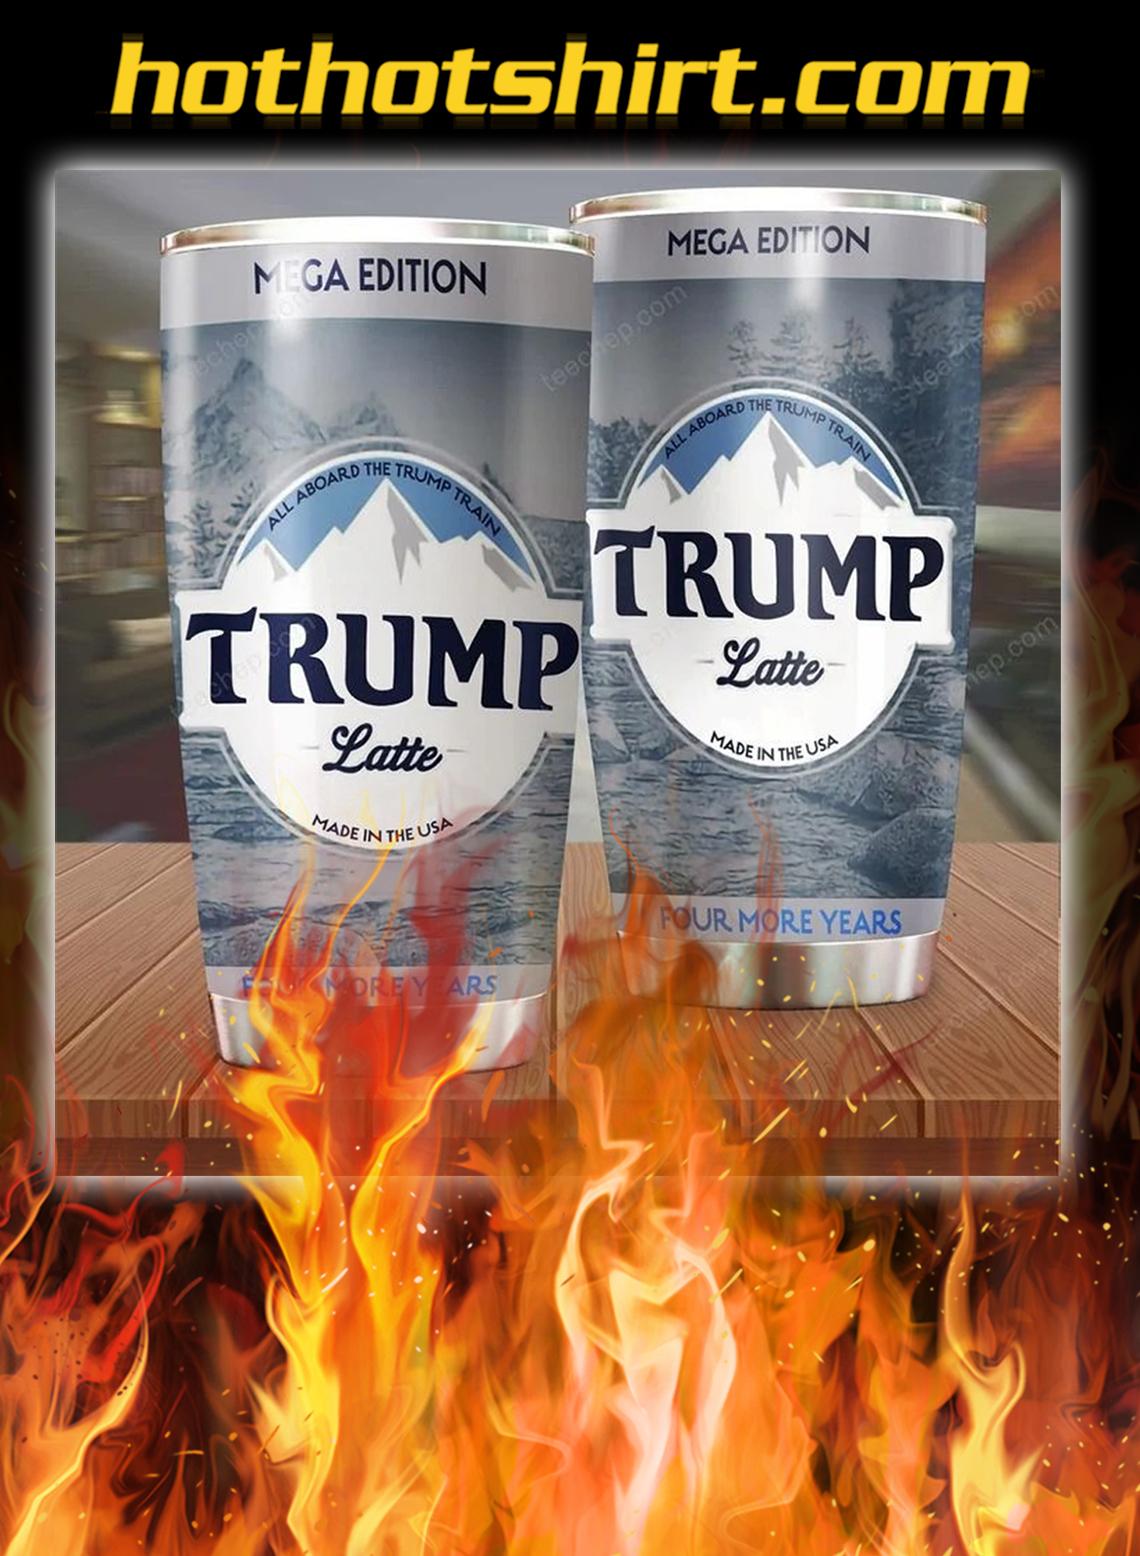 Trump latte tumbler - 30oz